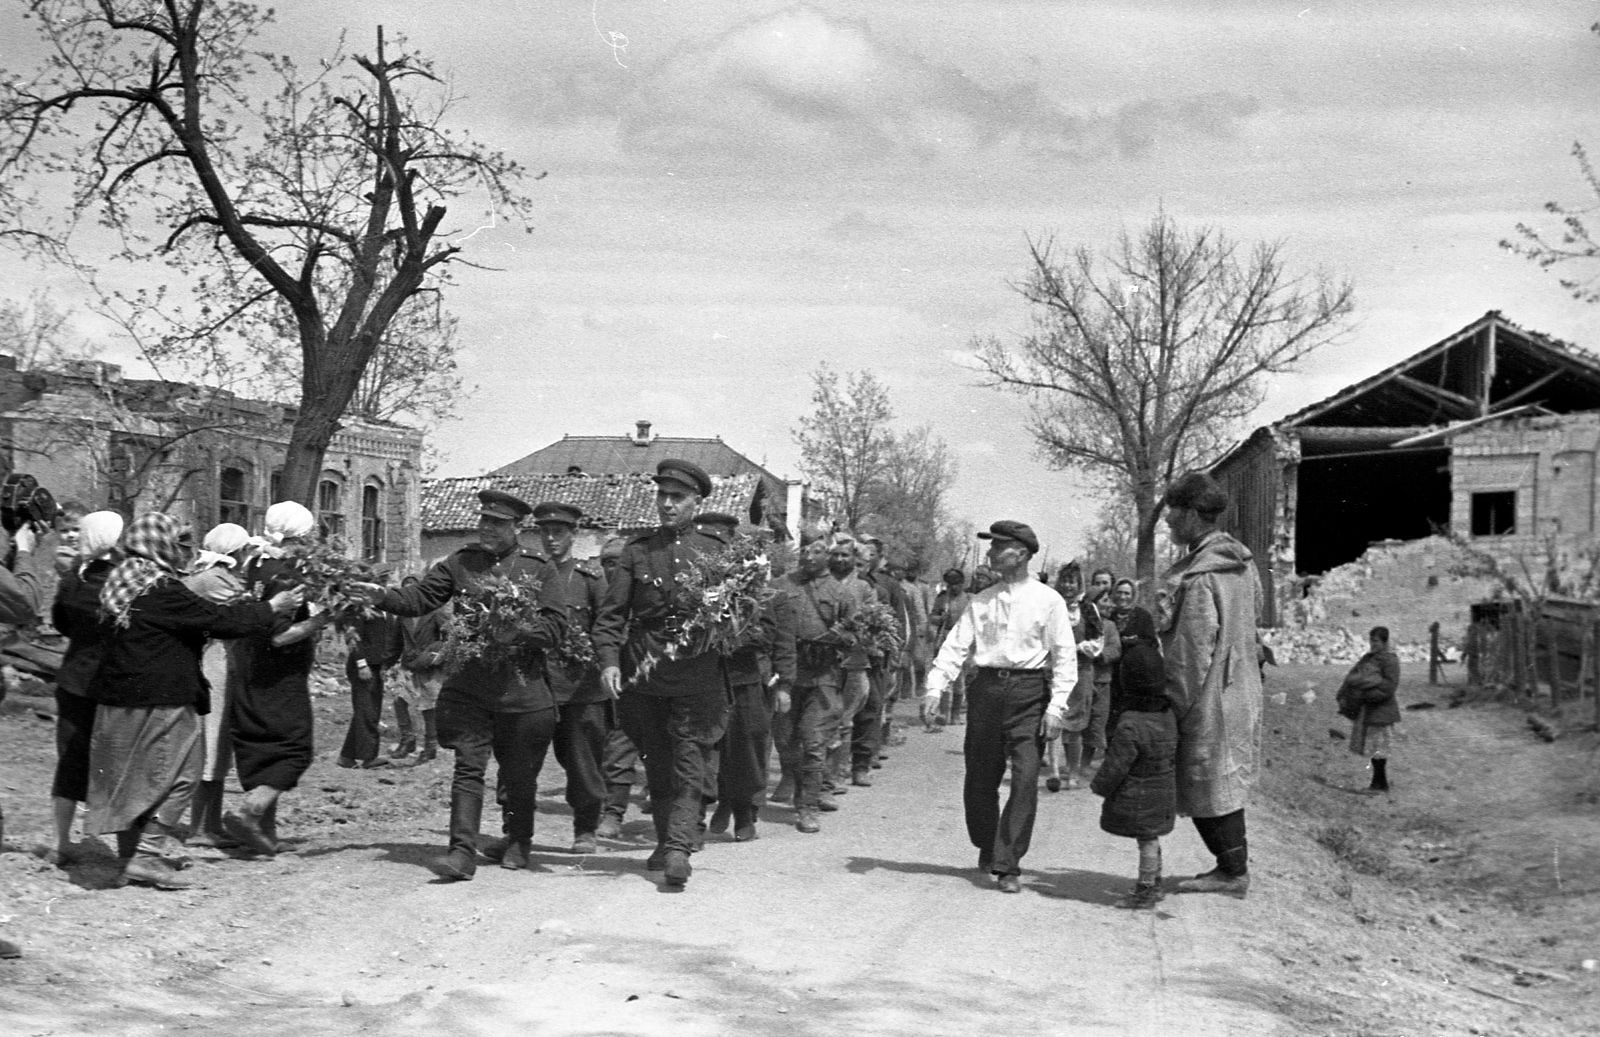 Жители Крымской встречают своих освободителей, май 1943 г.